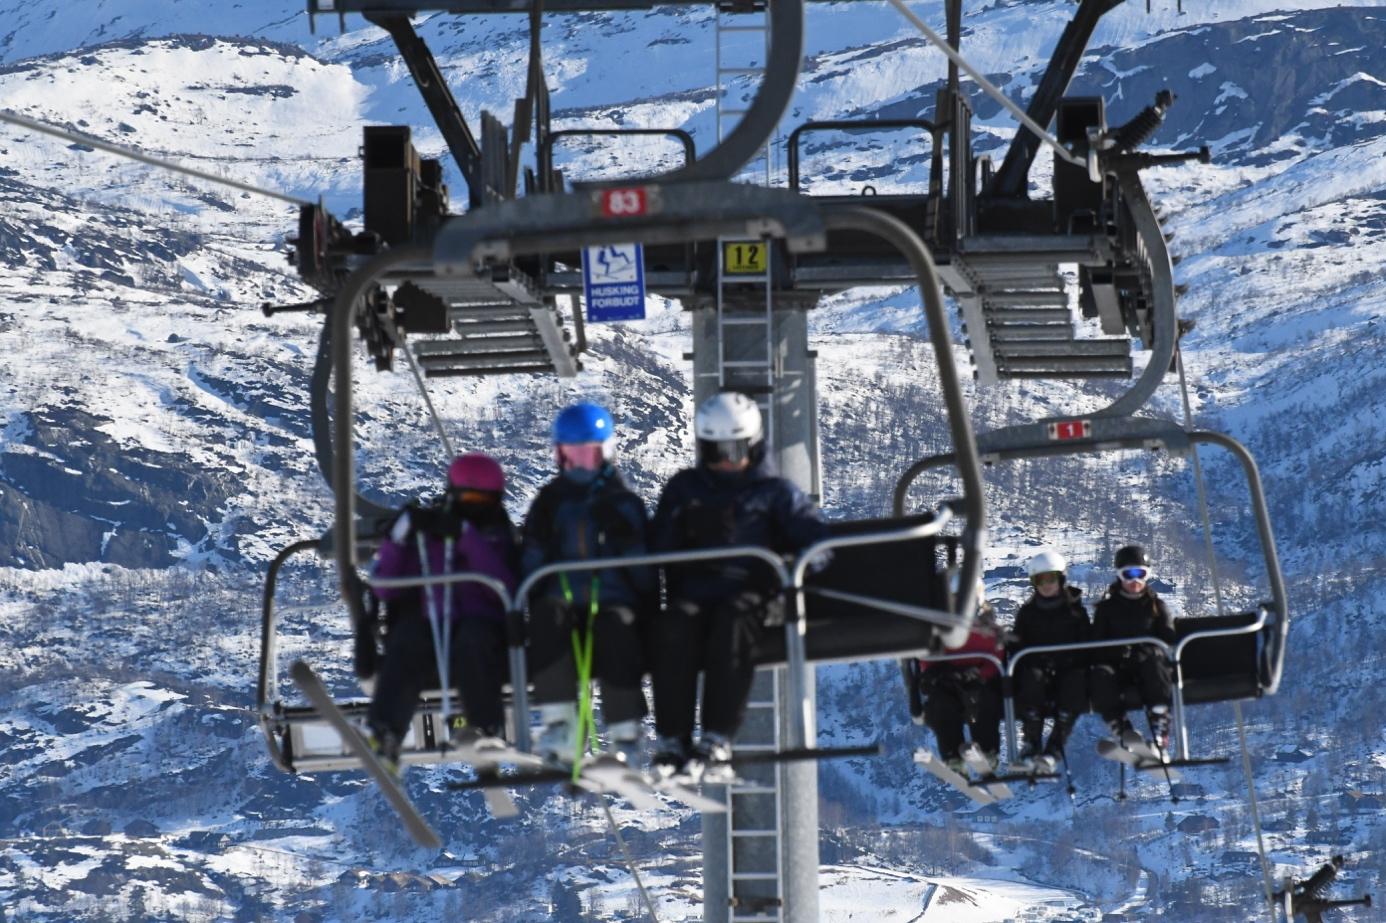 Et bilde som inneholder snø, utendørs, skiheis, gå på ski  Automatisk generert beskrivelse